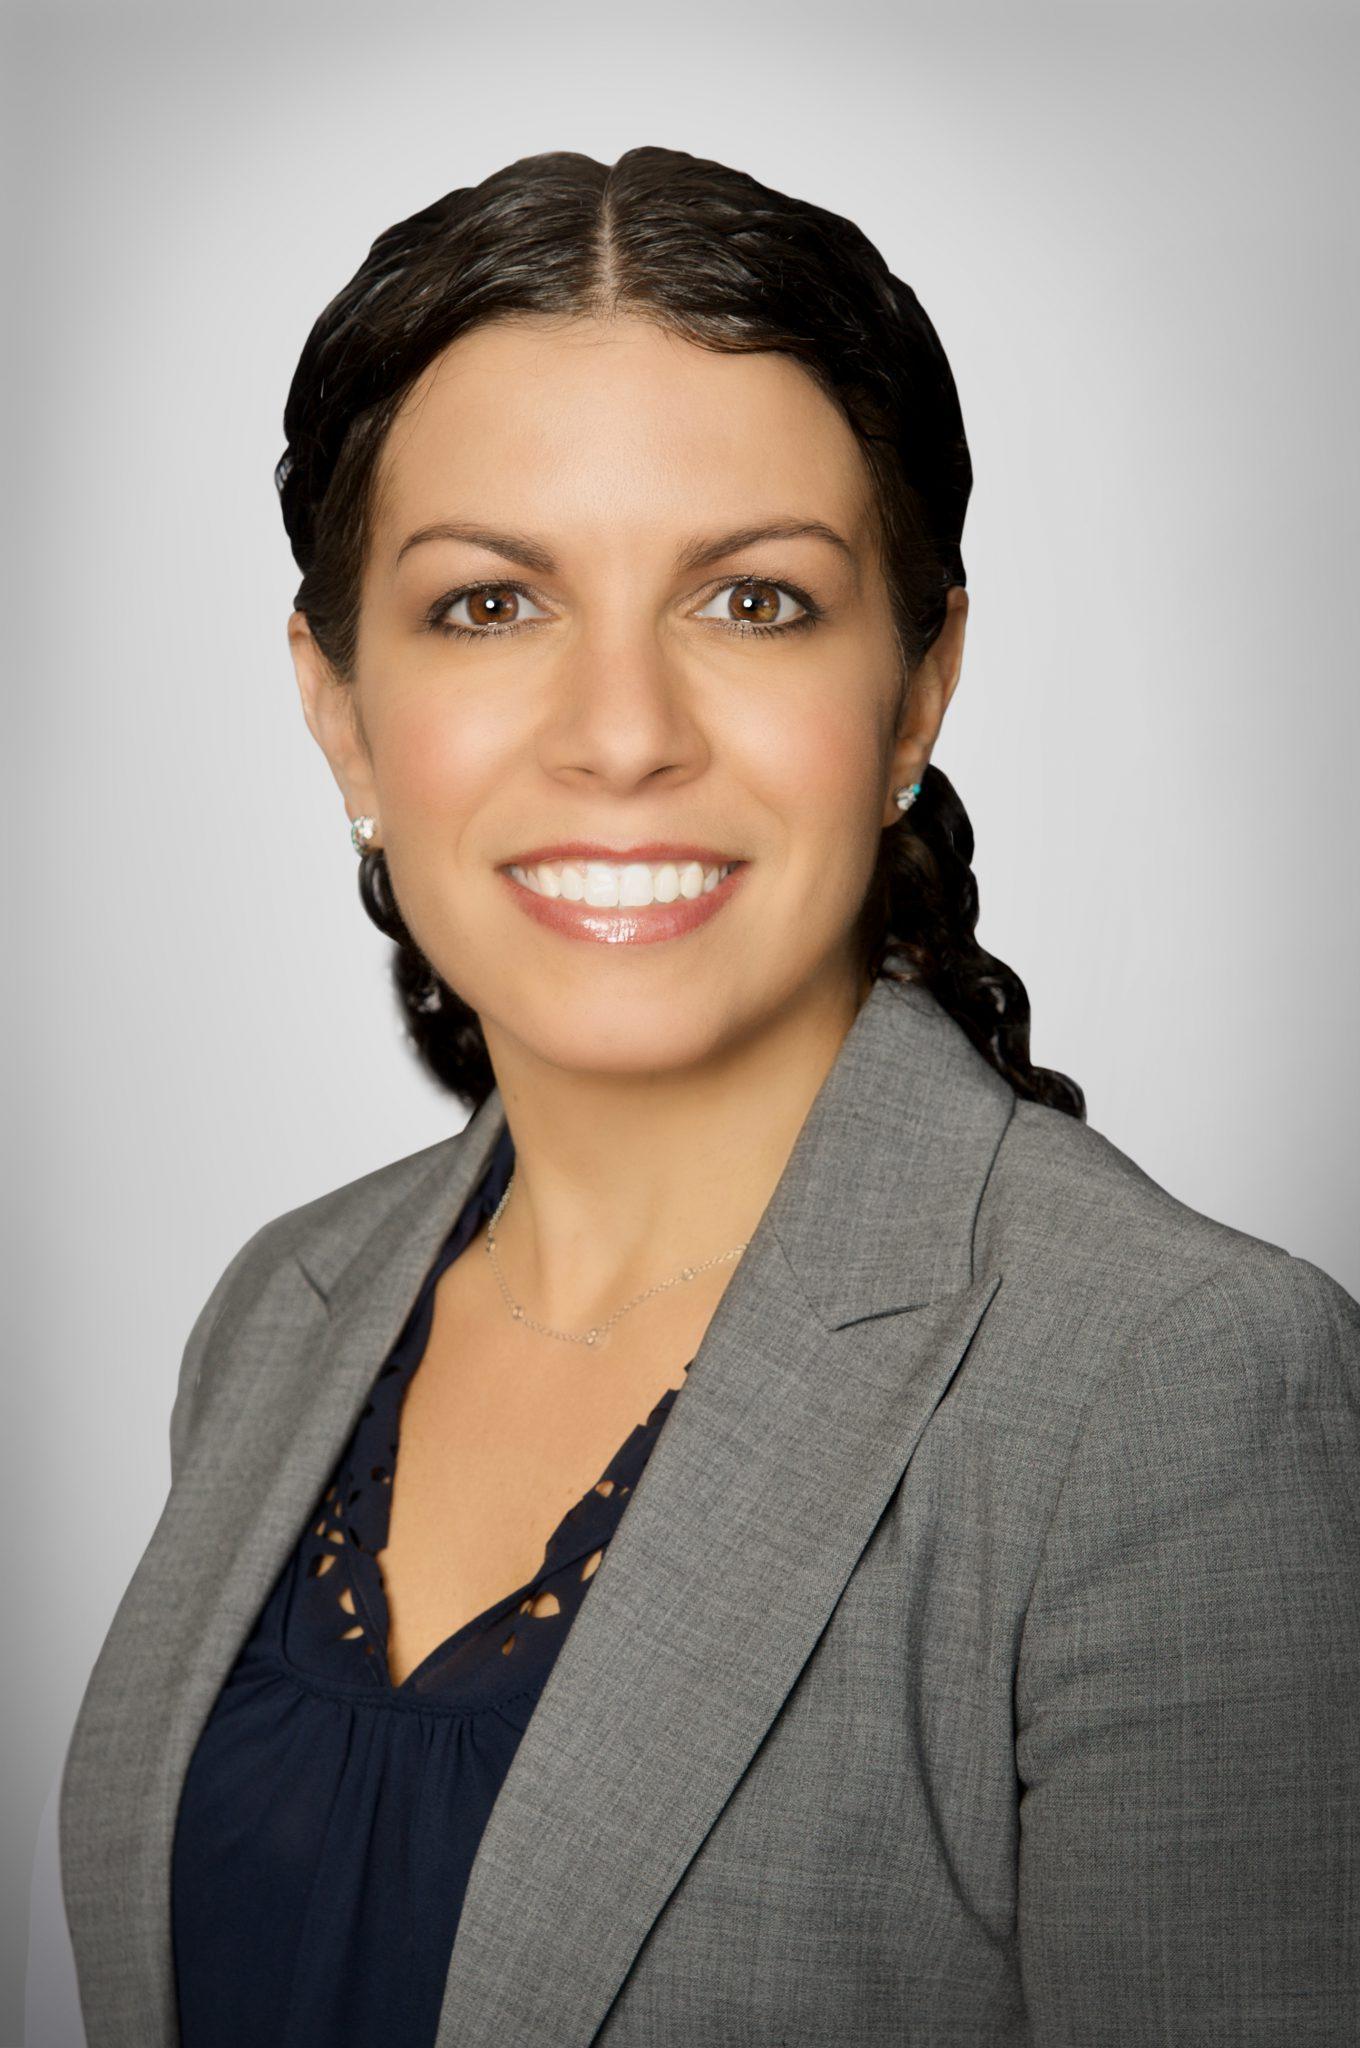 Pam Goldminz